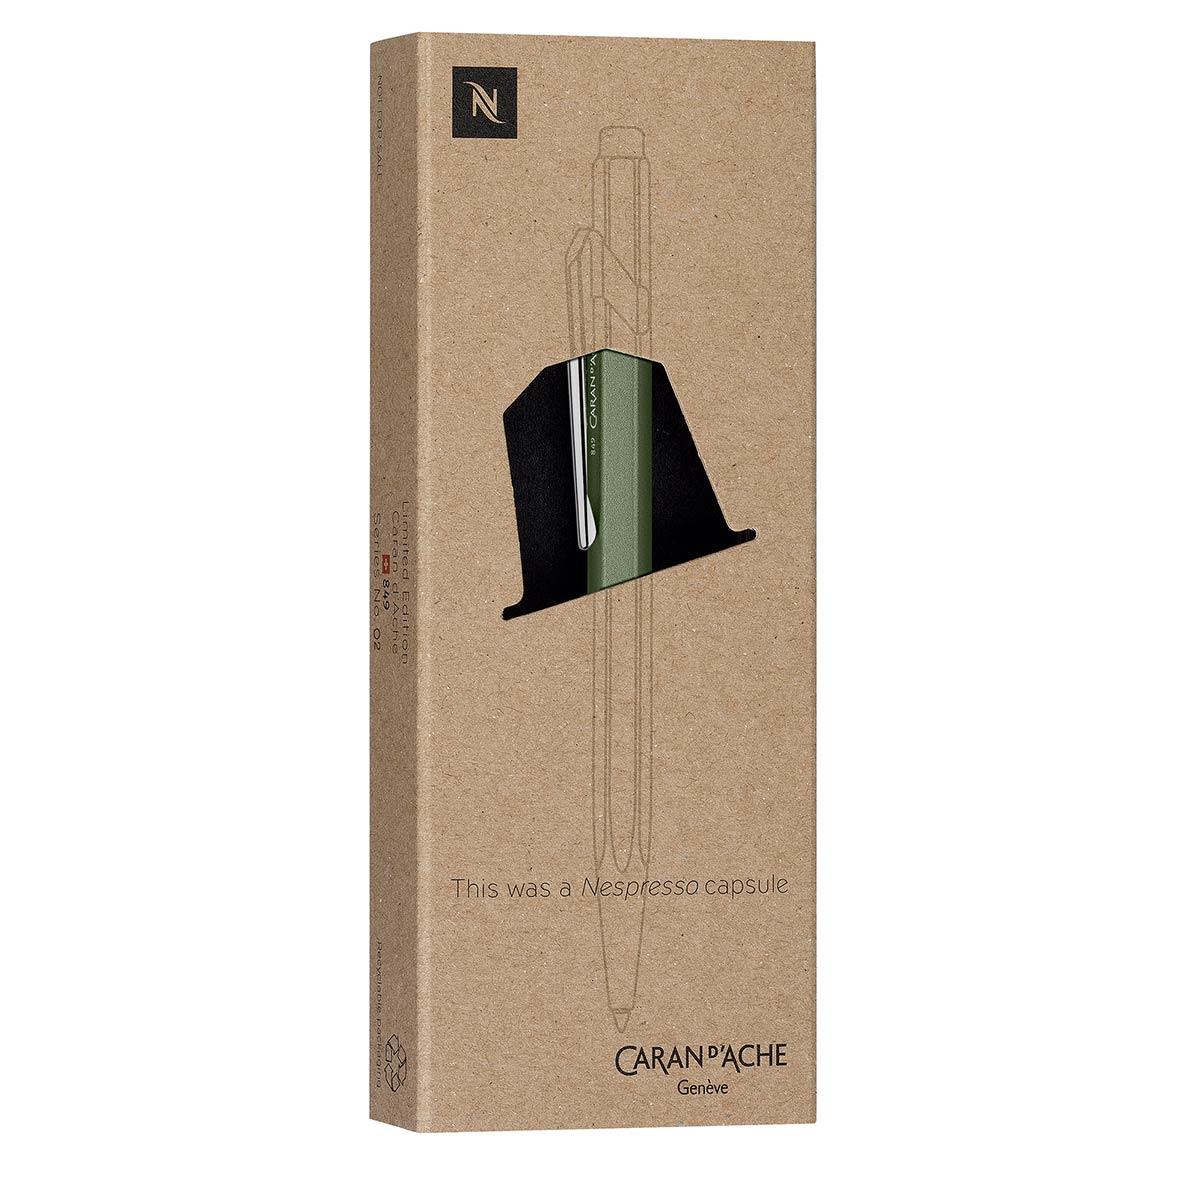 849 nespresso edition 2 india gruen caran d ache